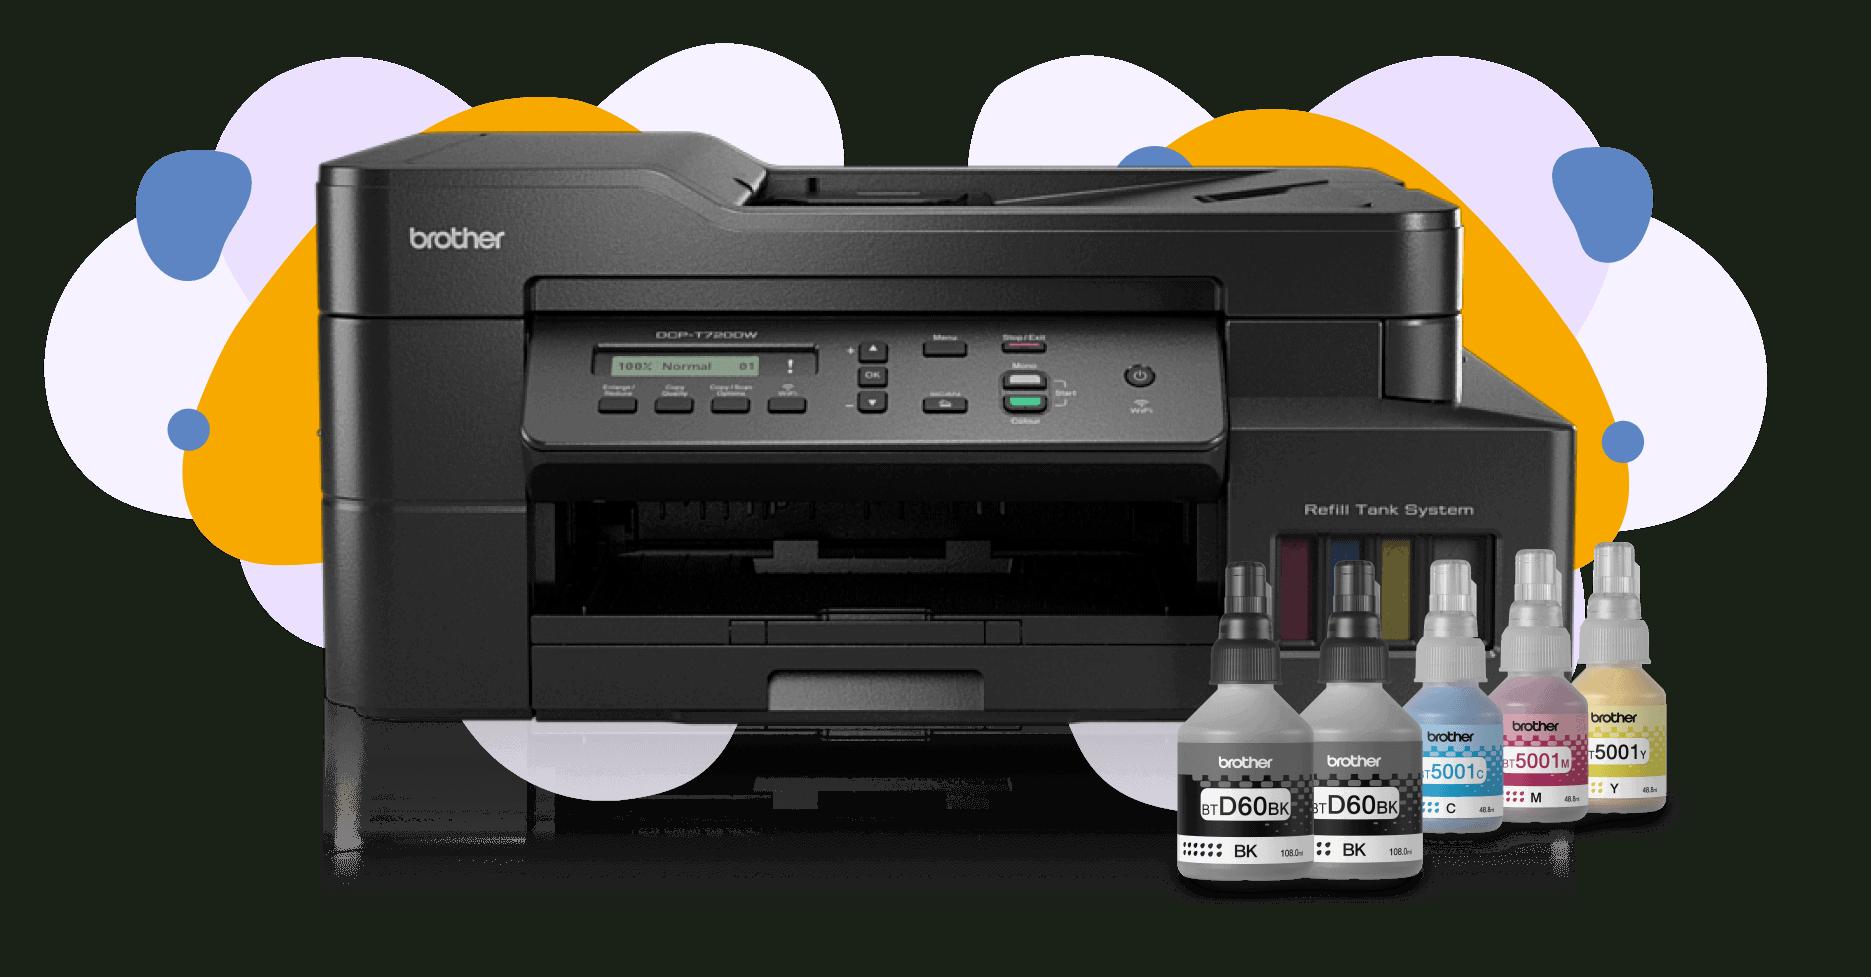 Nuevo Multinfuncional de Inyección de Tinta Continua de Brohter DCP-T720DW